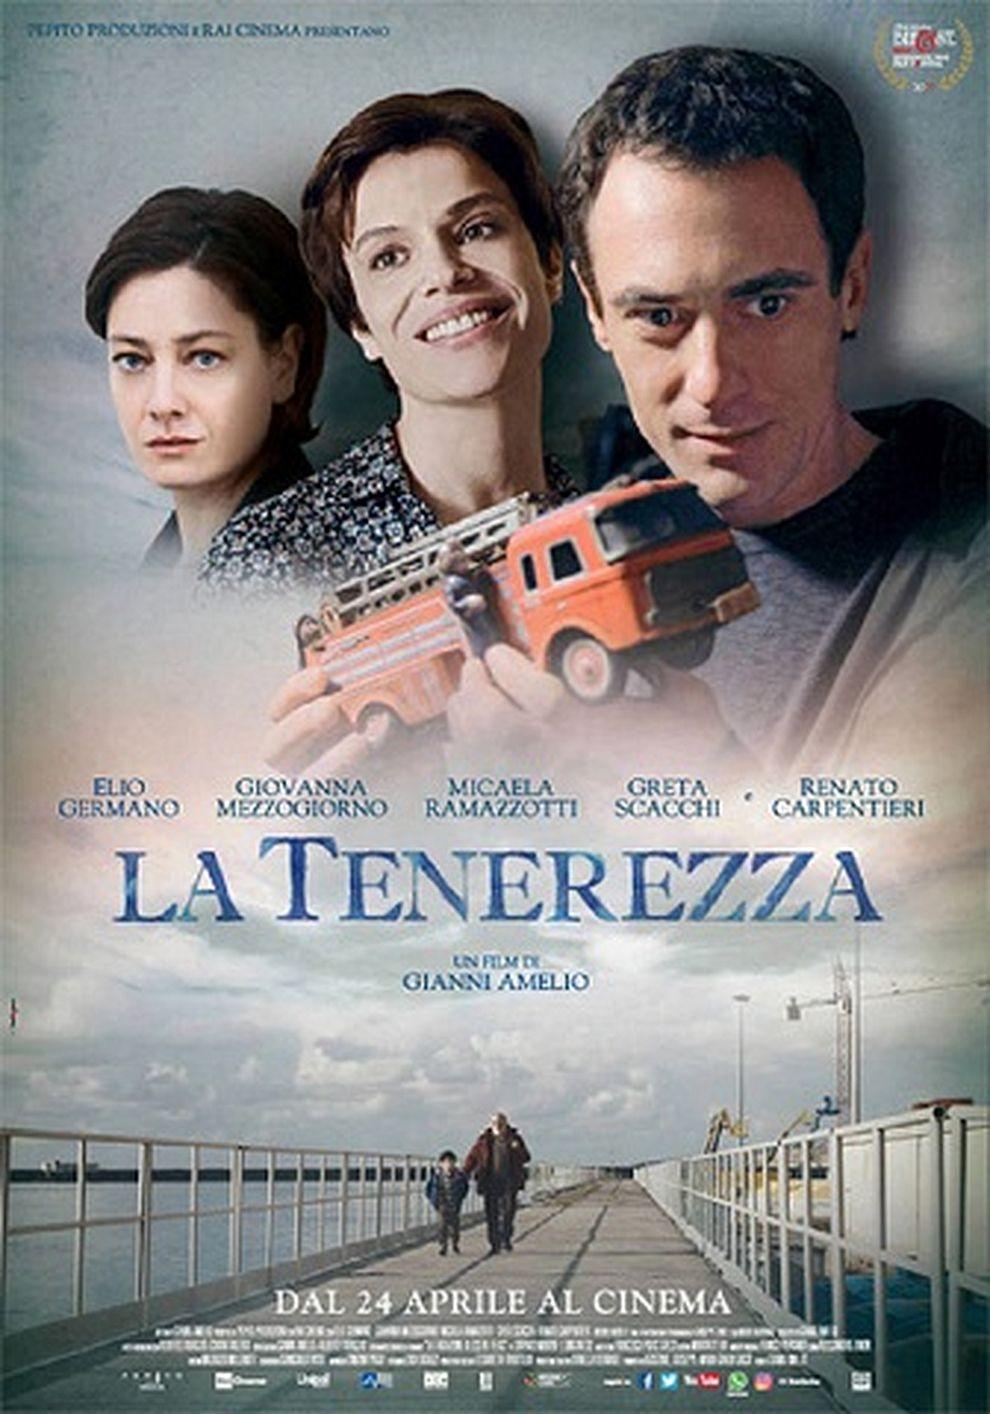 La Tenerezza - Die Zärtlichkeit (Poster)